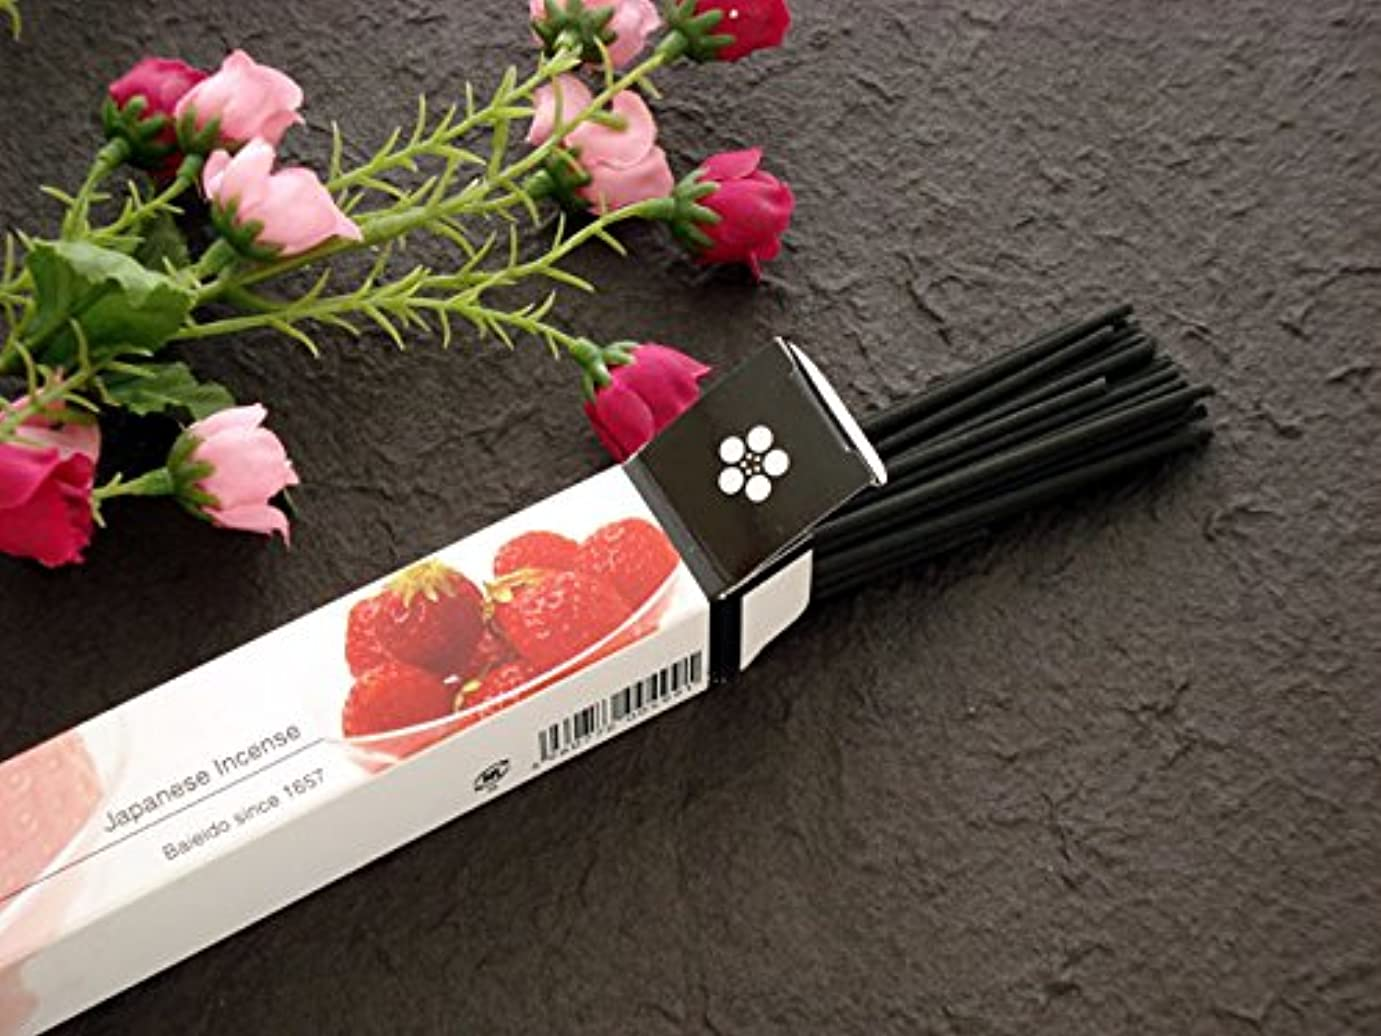 国家出血敵対的梅栄堂のお香 strawberry (イチゴの香り)